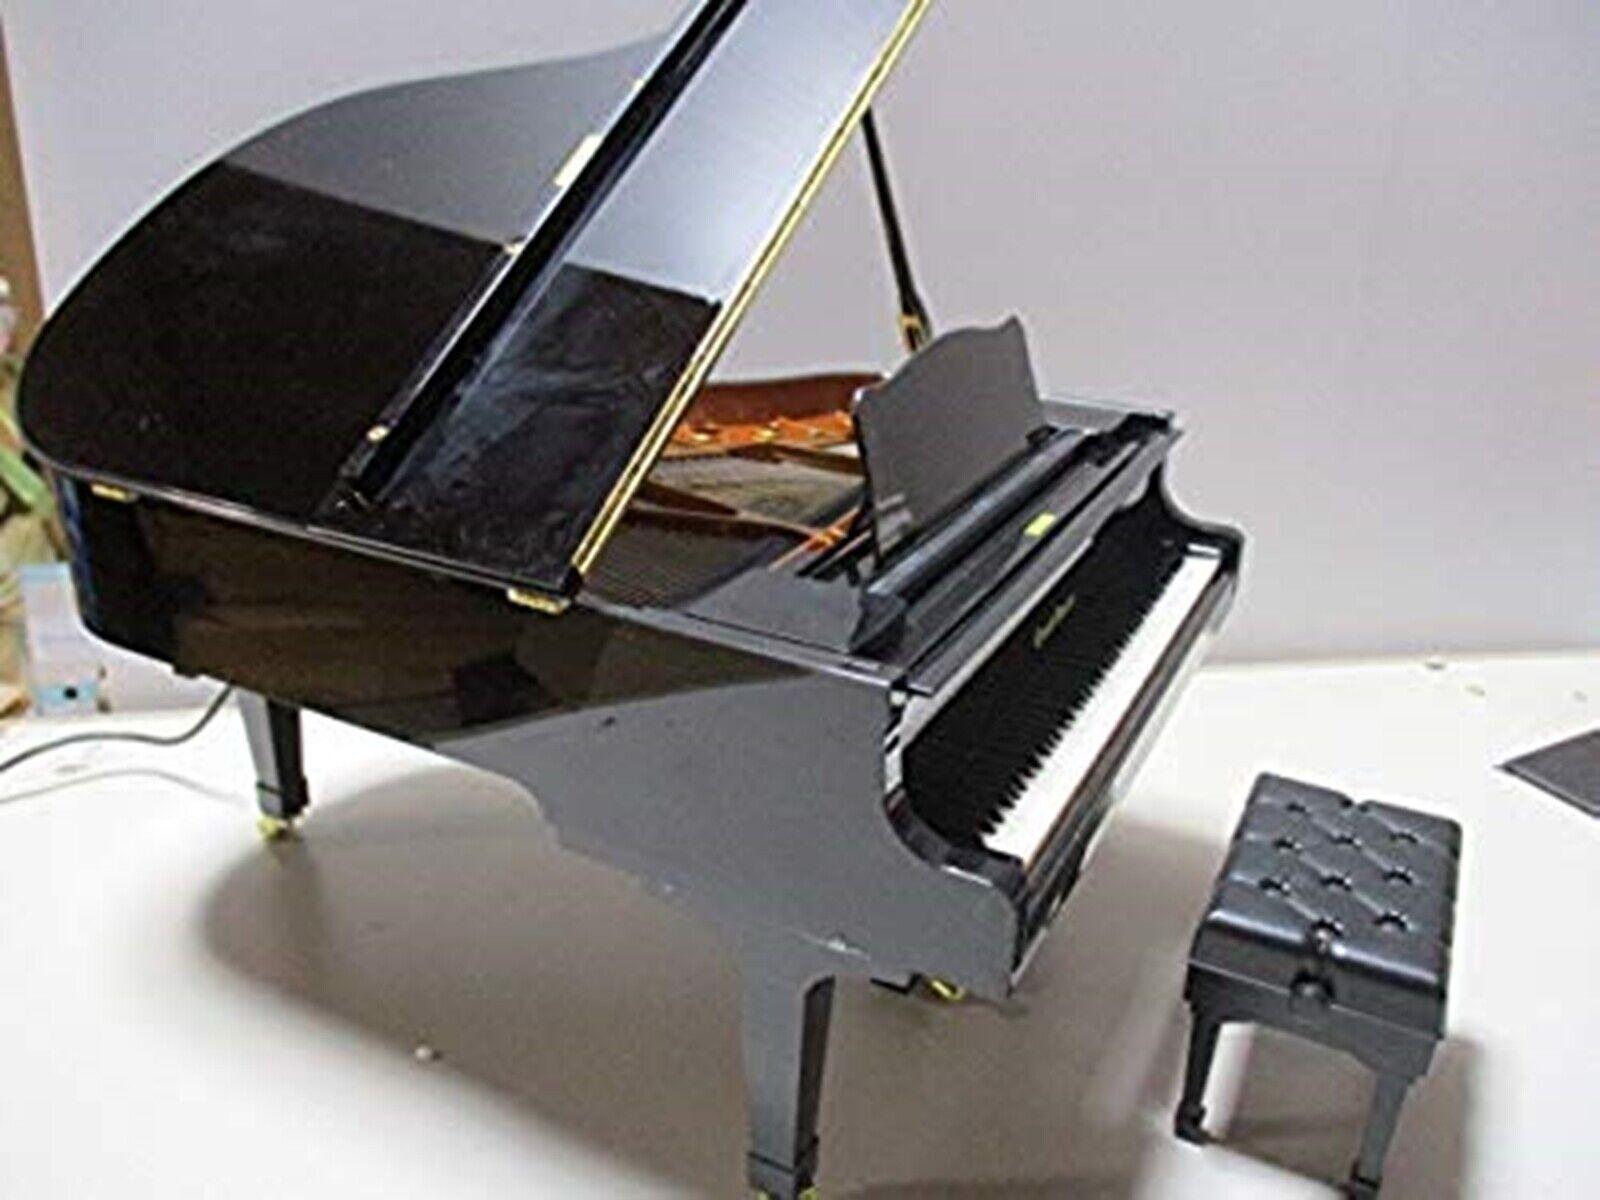 Originale Sega Toys schwarz Grand Pianist 1 6scale per Grandpiano Giappone Usato